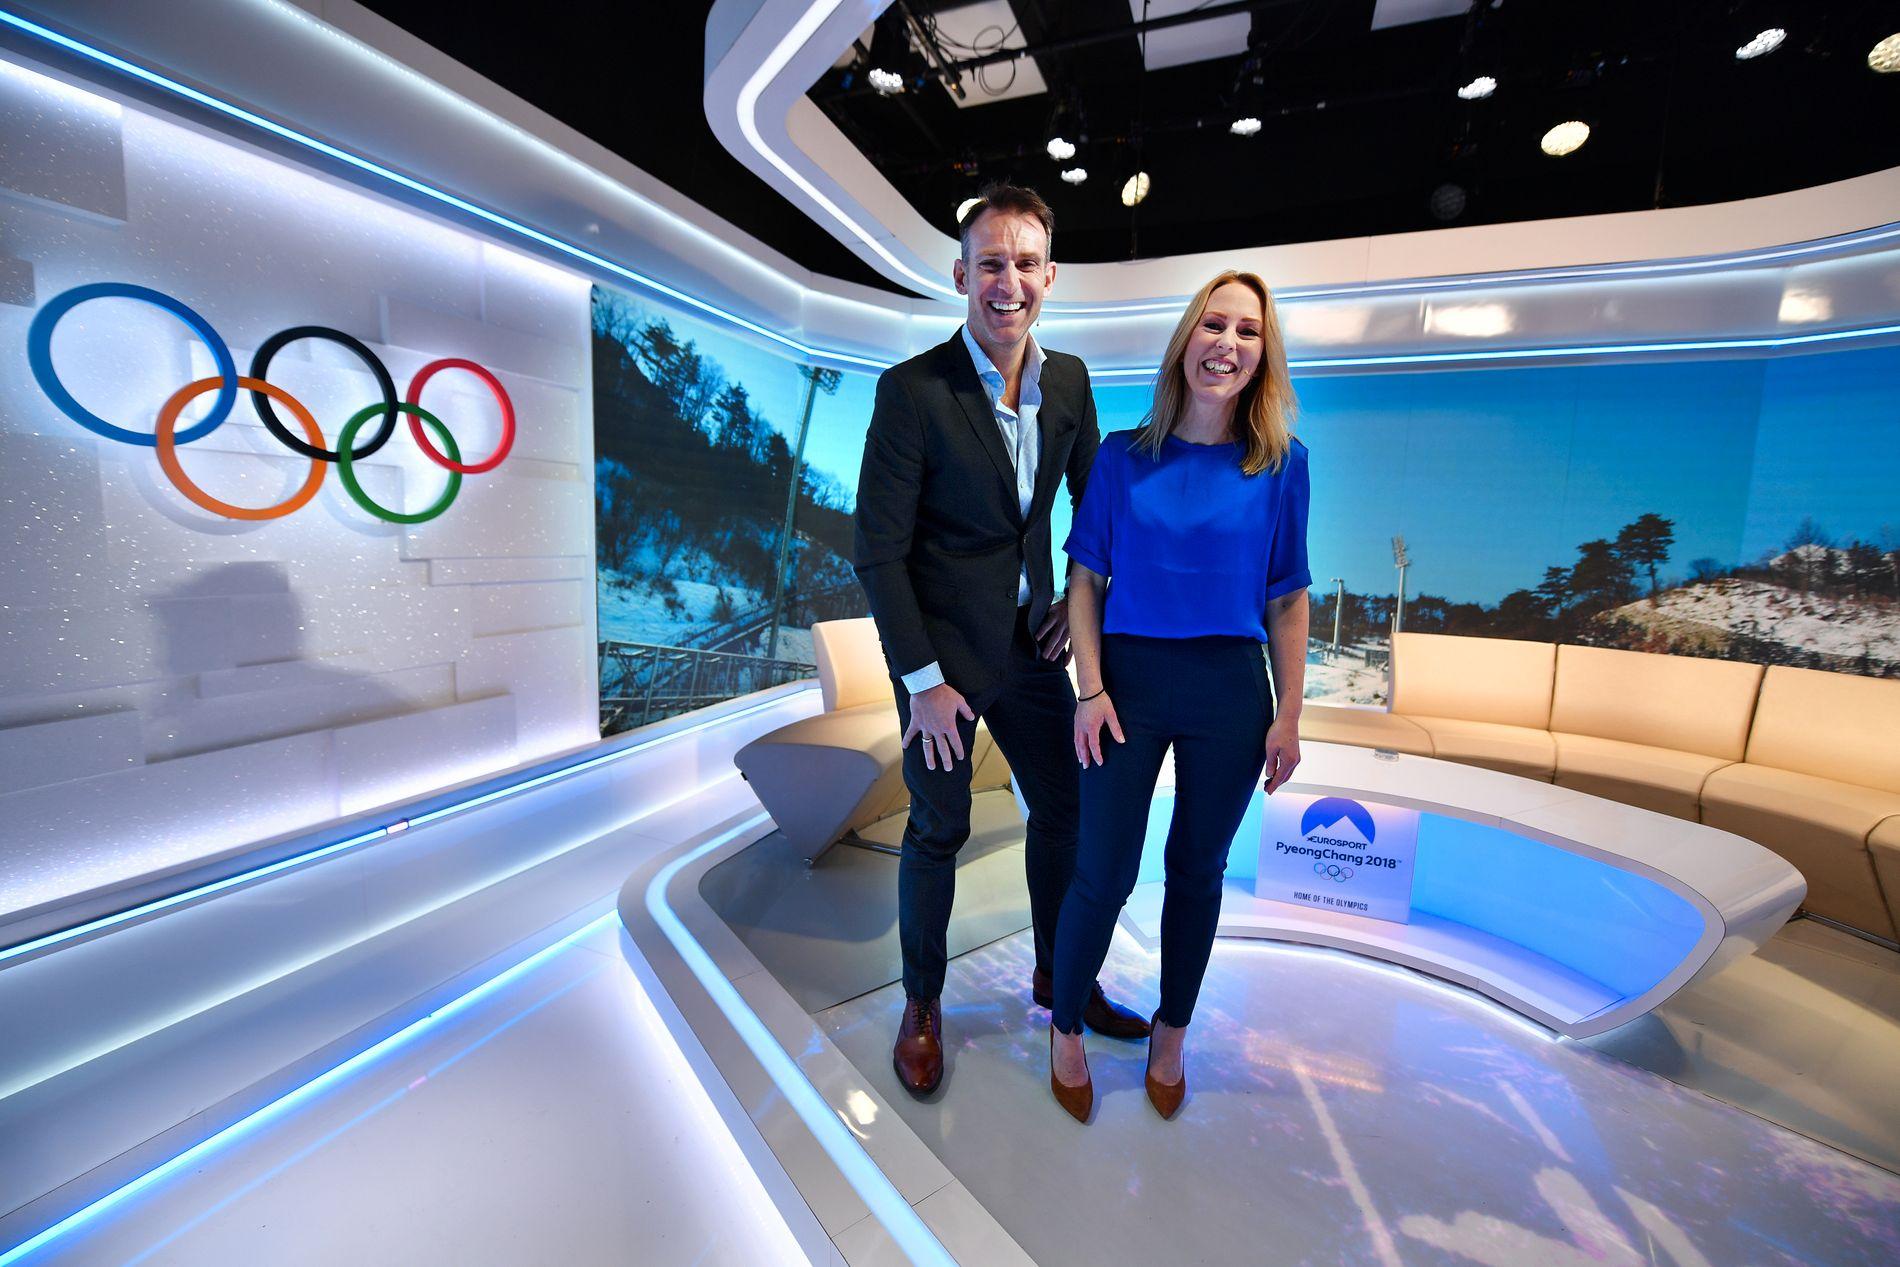 PÅ PLASS: Programlederne Carstein Skjelbreid og Anne Sturød i studio i Pyeongchang få dager før OL starter i Sør-Korea.